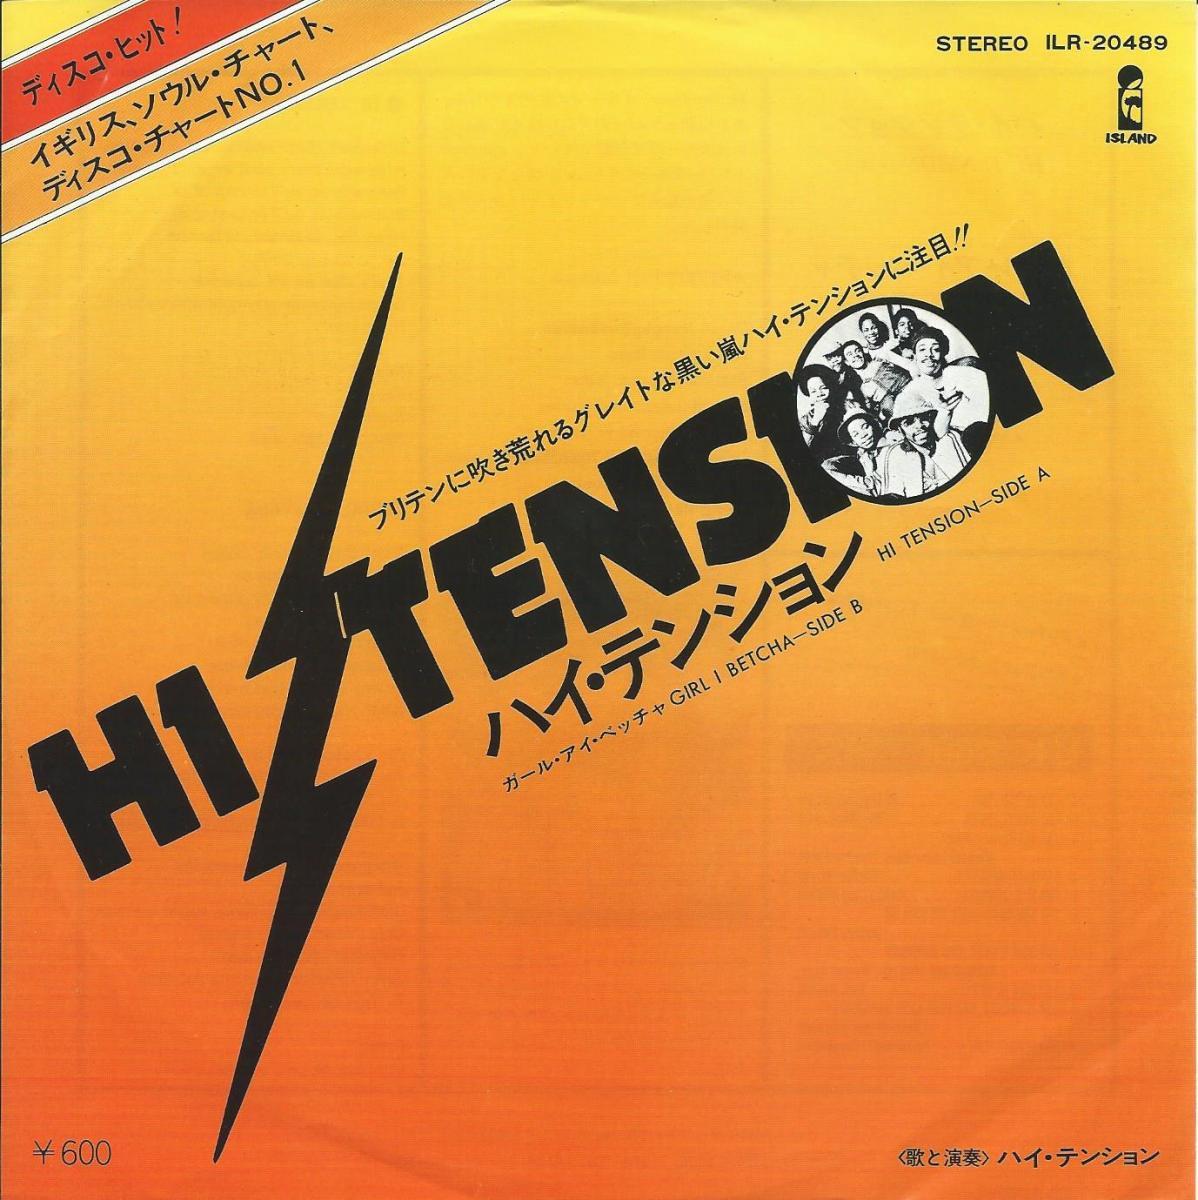 ハイ・テンション HI TENSION / HI TENSION / ガール・アイベッチャ GIRL I BETCHA (7